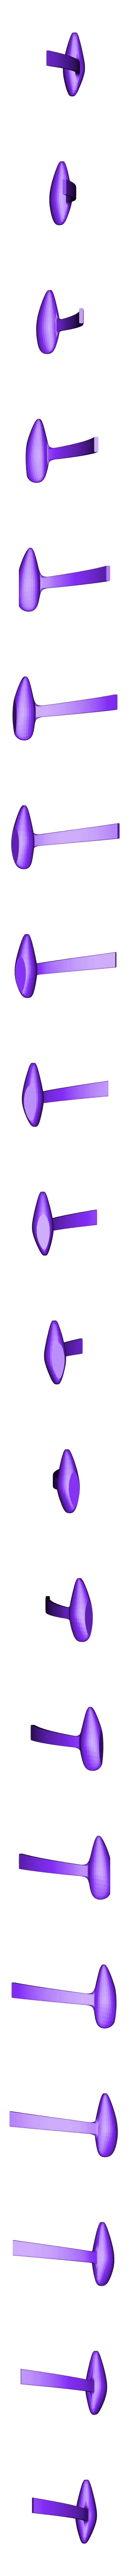 tren_der.stl Download STL file Rutan Long EZ • 3D print design, Nico_3D